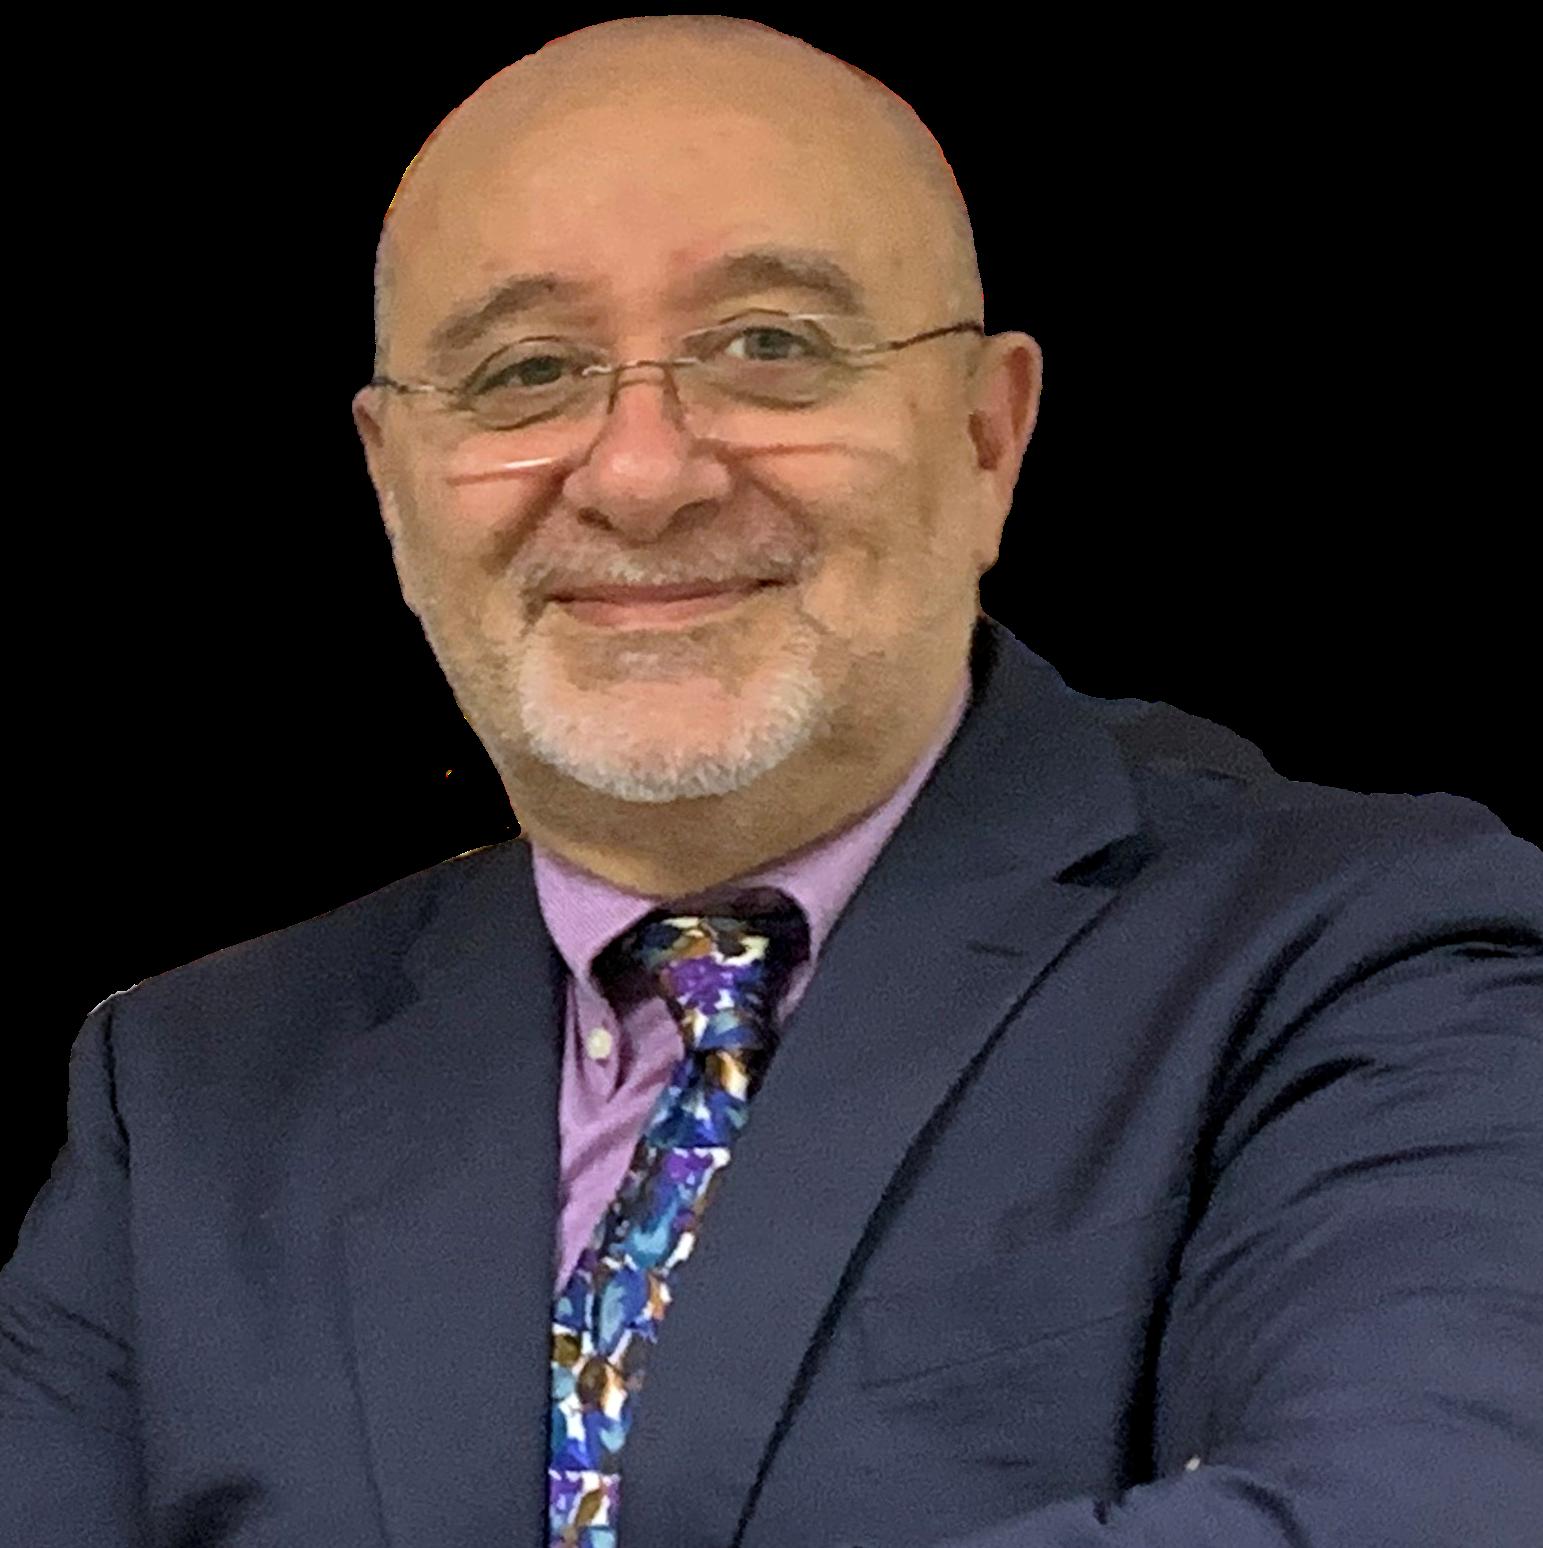 Fulvio Duse, Coo del Gruppo Aton